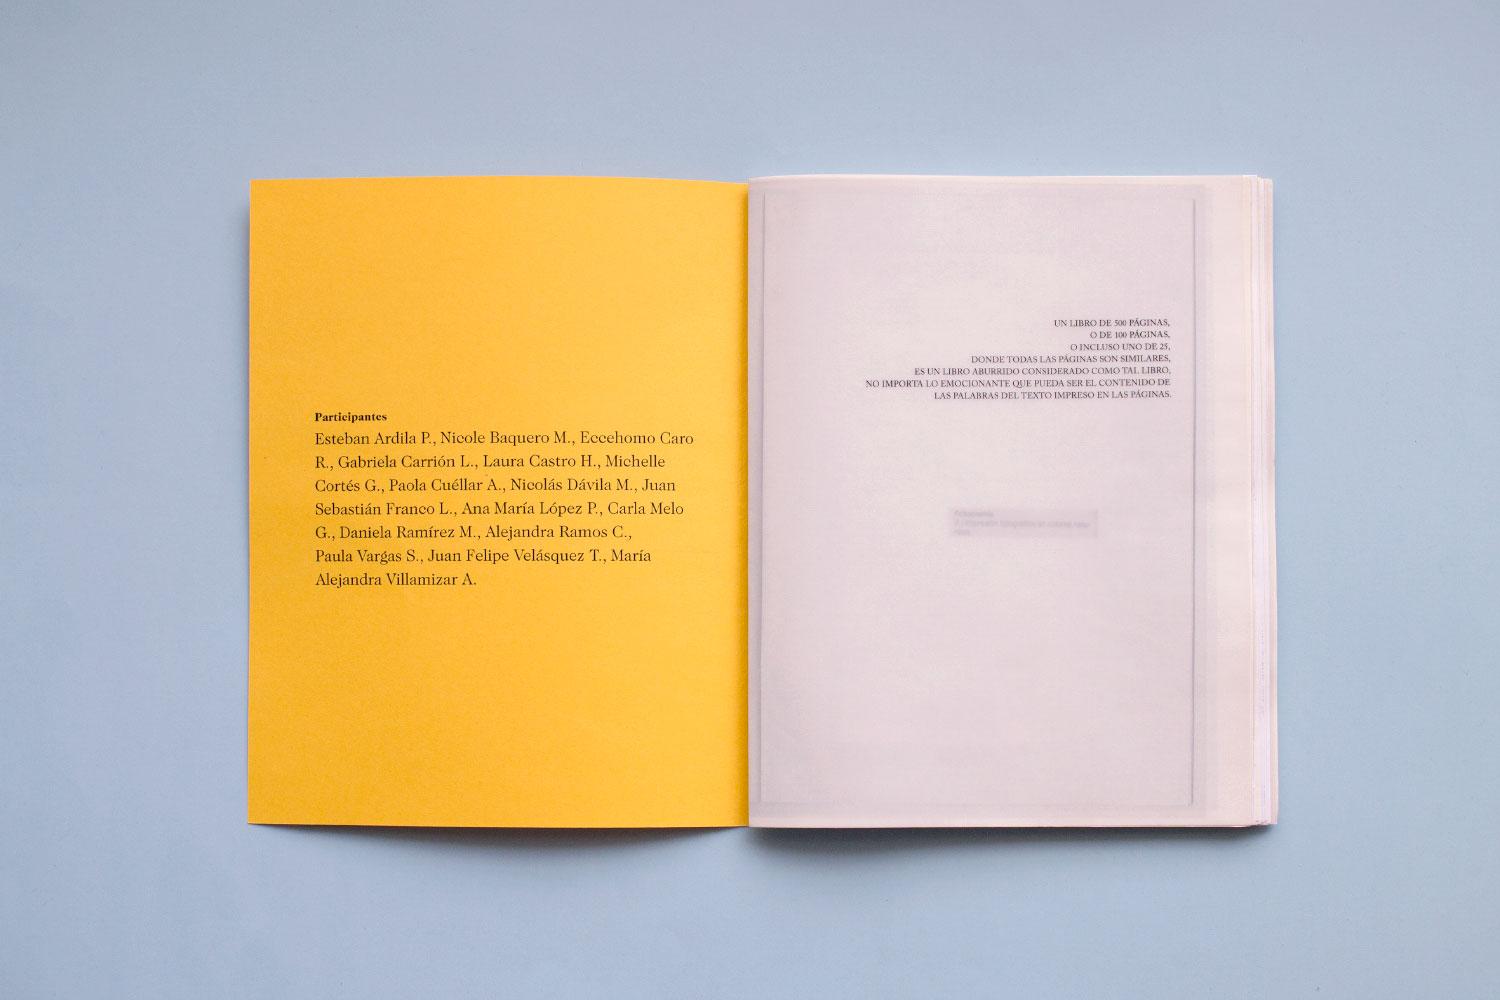 kitschic-que-es-un-libro-16